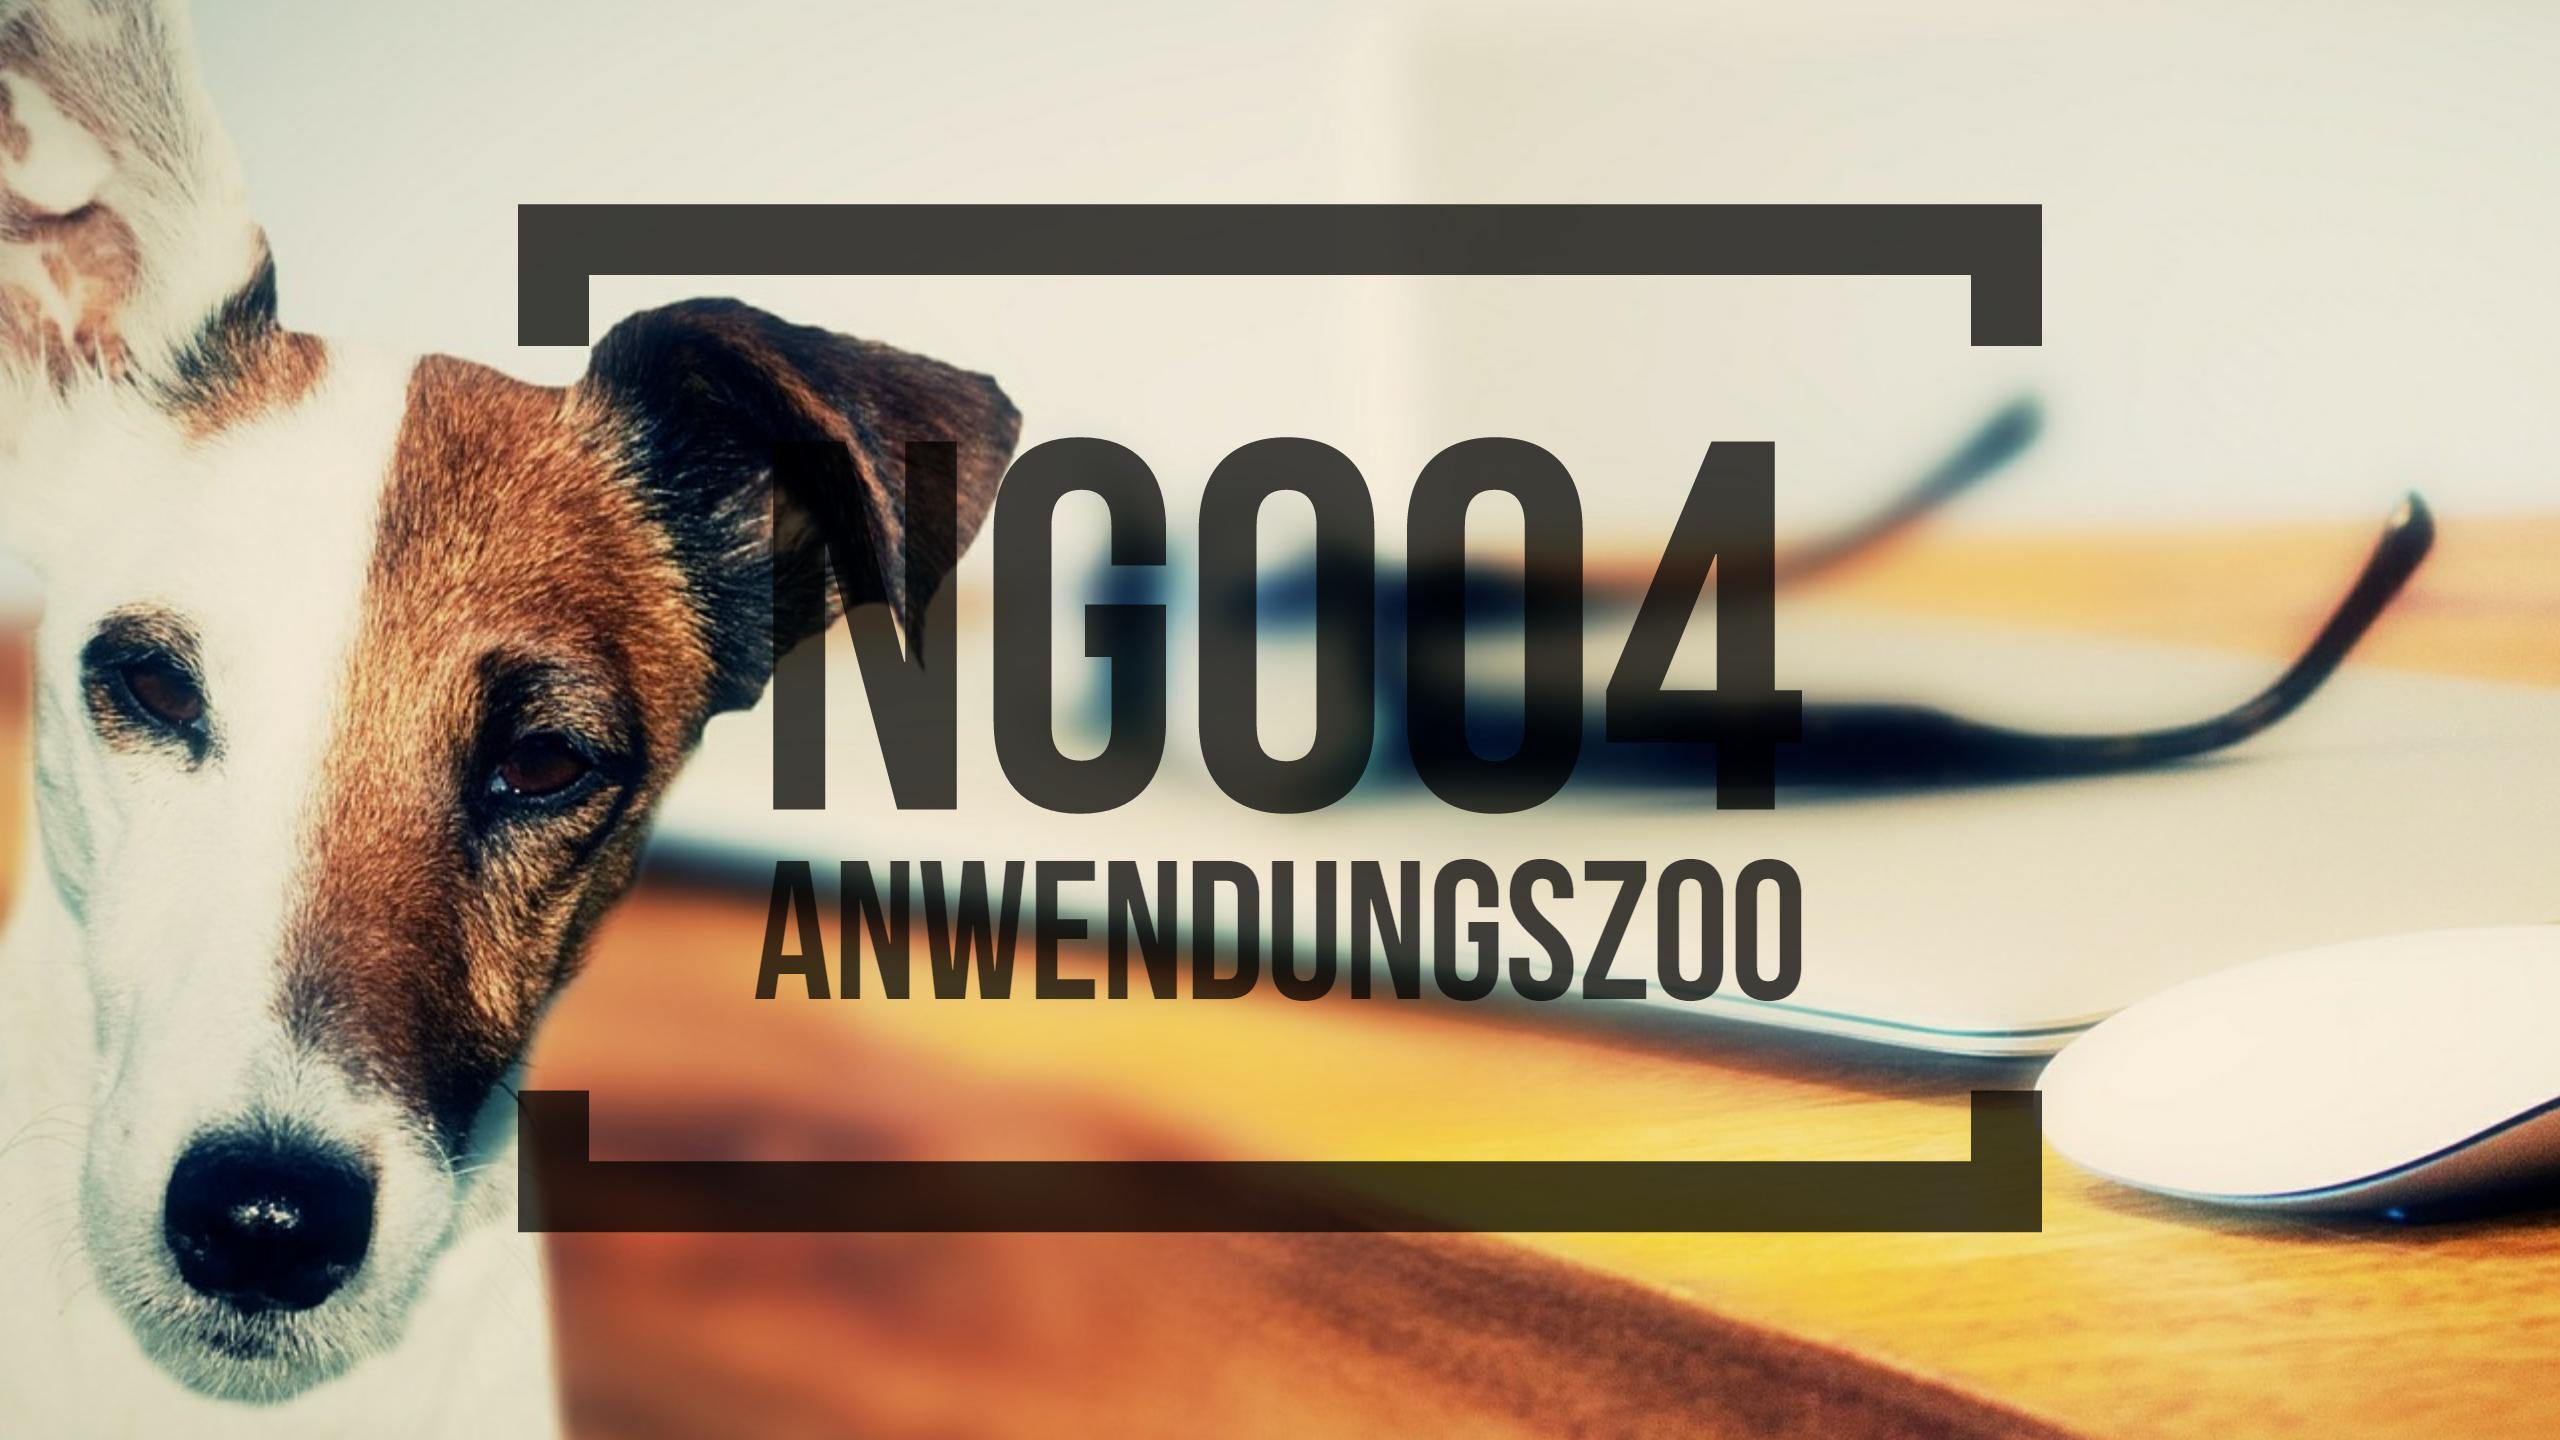 NG004 Anwendungszoo